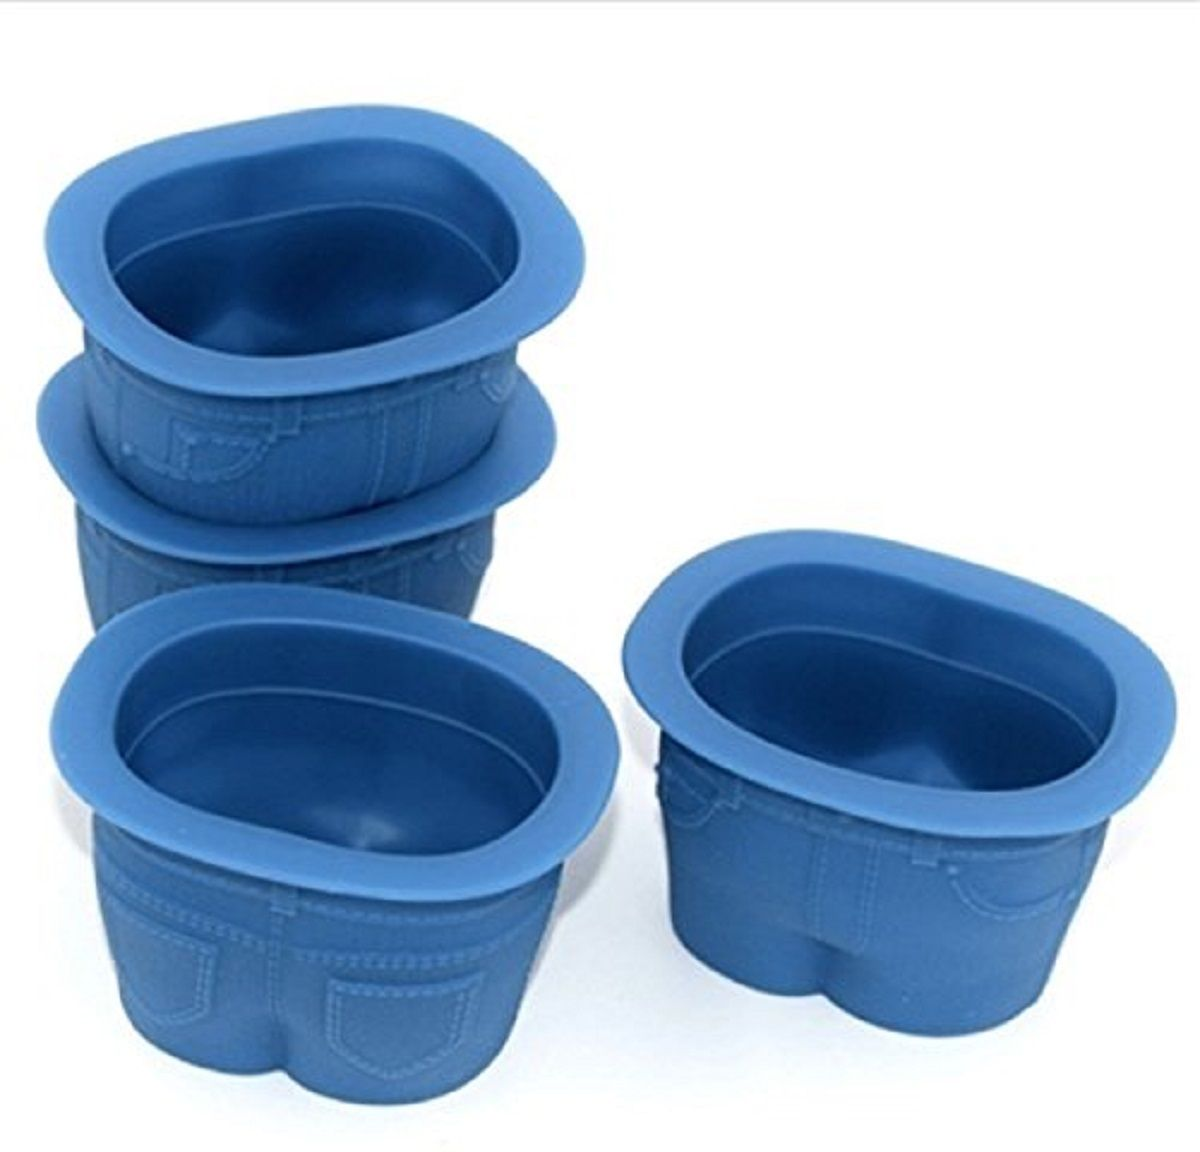 Набор форм для кексов FidgetGo Джинсы, цвет: голубой, 4 шт2212345678940В чем вы обычно выпекаете кексы? Неужели, в кексницах? Прошлый век! Сегодня вкусные и красивые кексы пекут в джинсах. Не пугайтесь, не нужно подвергать ваши любимые джинсы резке и шитью. Достаточно приобрести силиконовые формочки FidgetGo. Эти эксклюзивные формочки для выпечки сделаны в виде небольших джинсовых штанишек. Формочки выполнены из высококачественного эластичного термоустойчивого силикона, выдерживающего температуру от -40°С до +230°С.